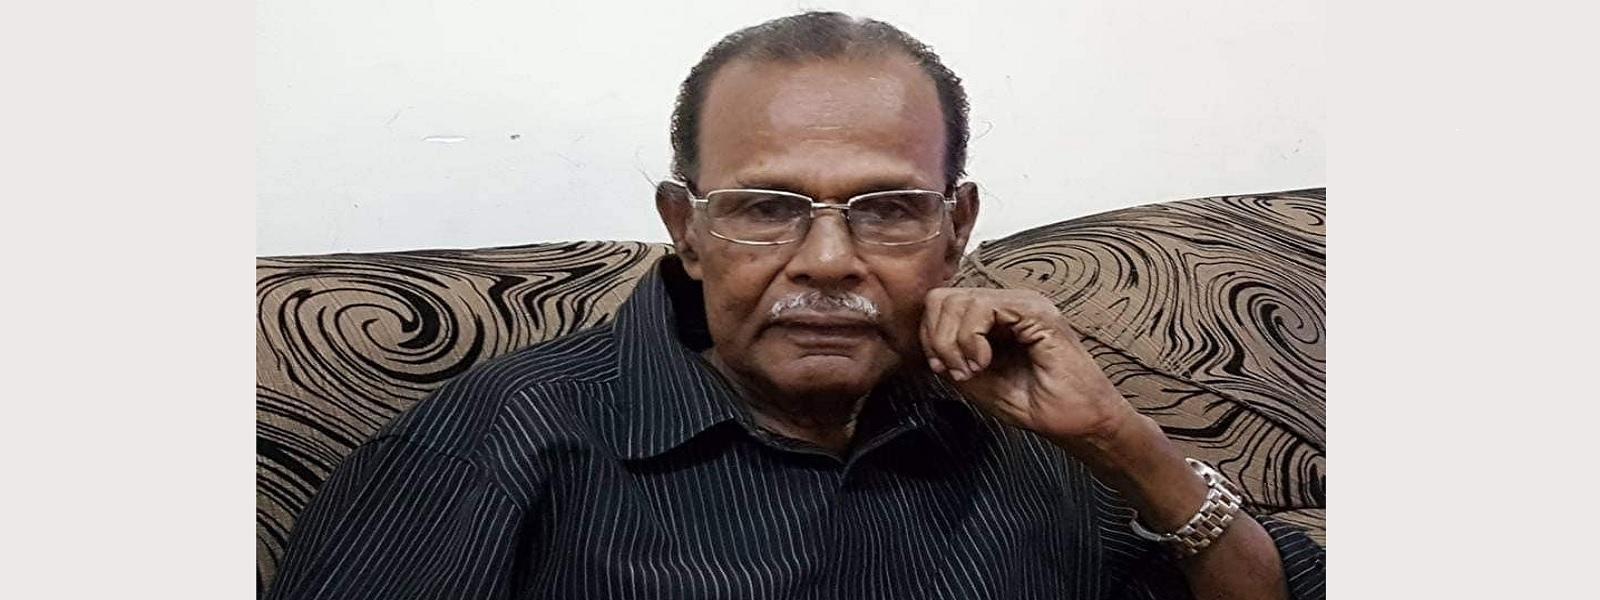 சிரேஷ்ட ஊடகவியலாளர் எஸ். சண்முகராஜா (ஷண்) காலமானார்